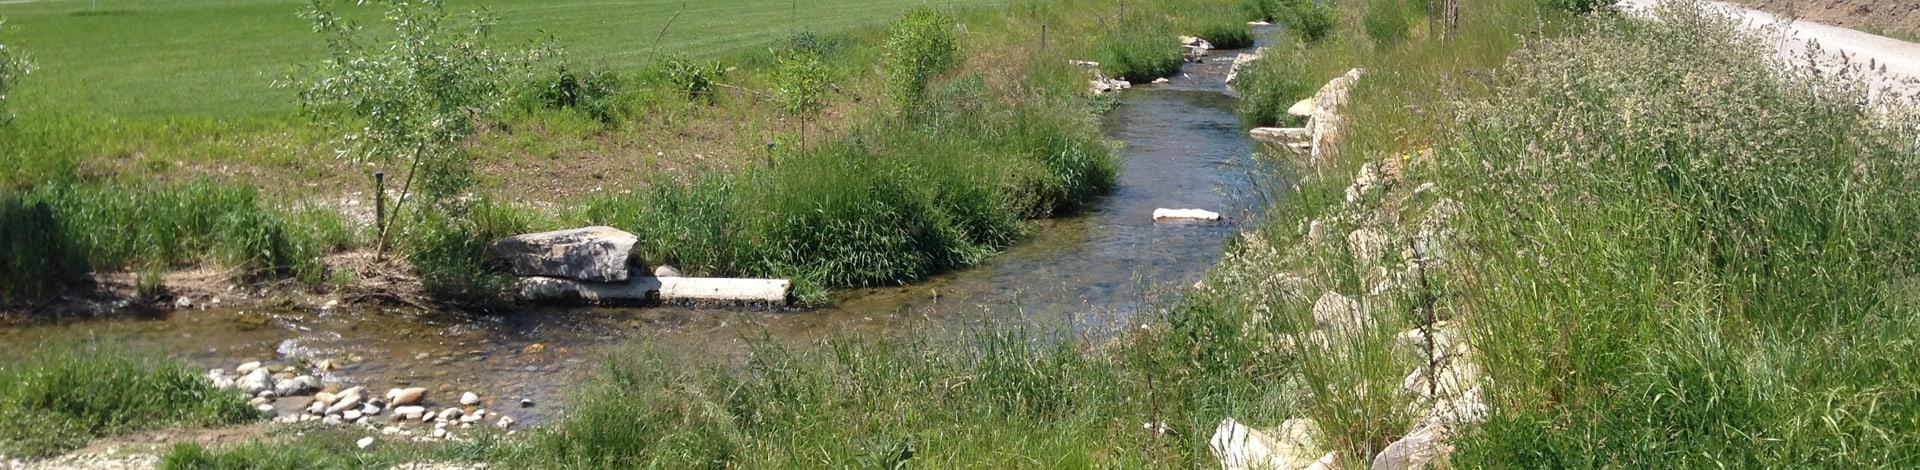 Aménagement de cours d'eau proche de l'état naturel